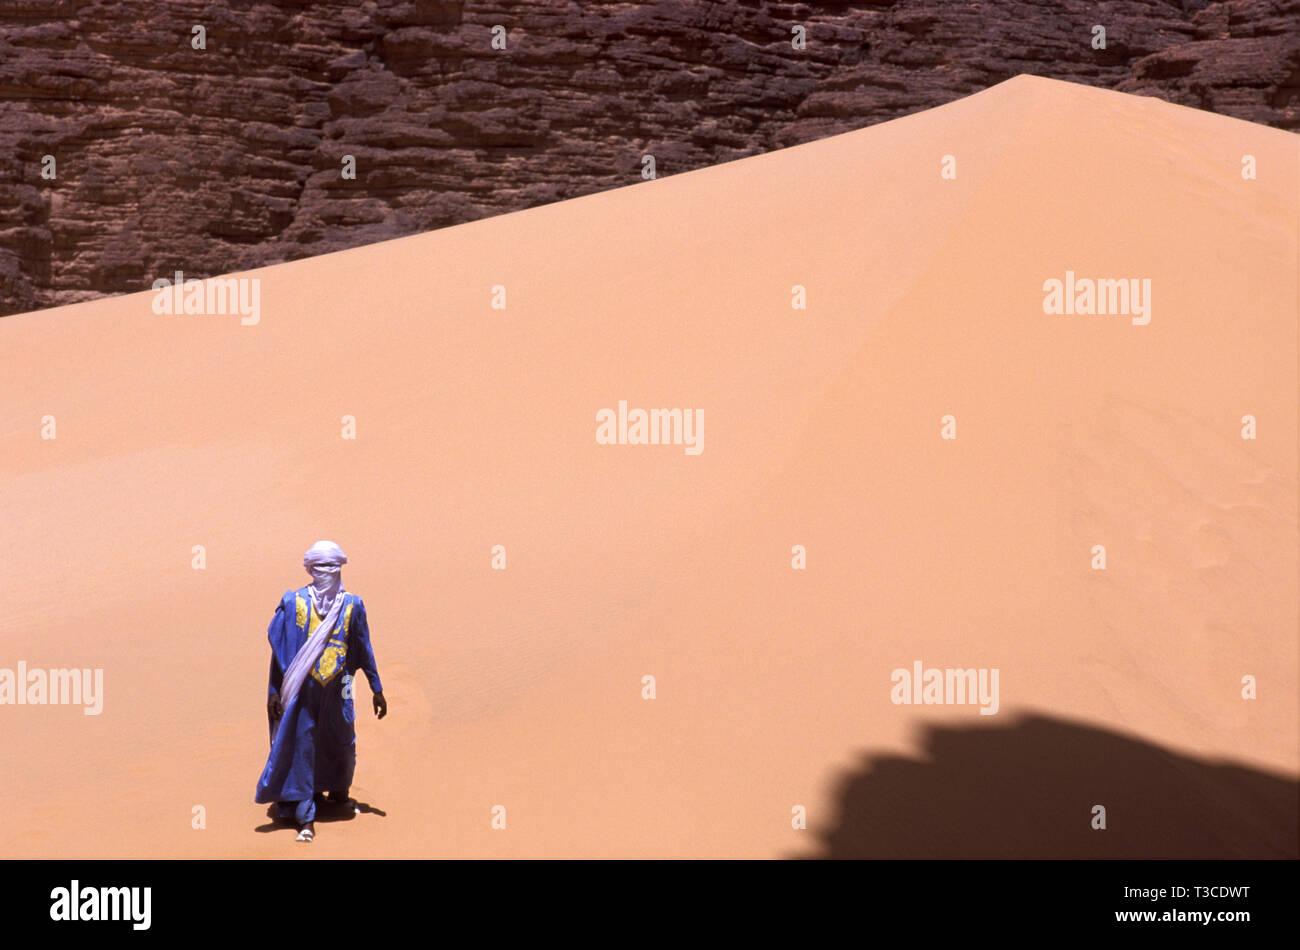 Homme touareg dans un costume traditionnel, marcher sur une dune, l'Algérie Photo Stock